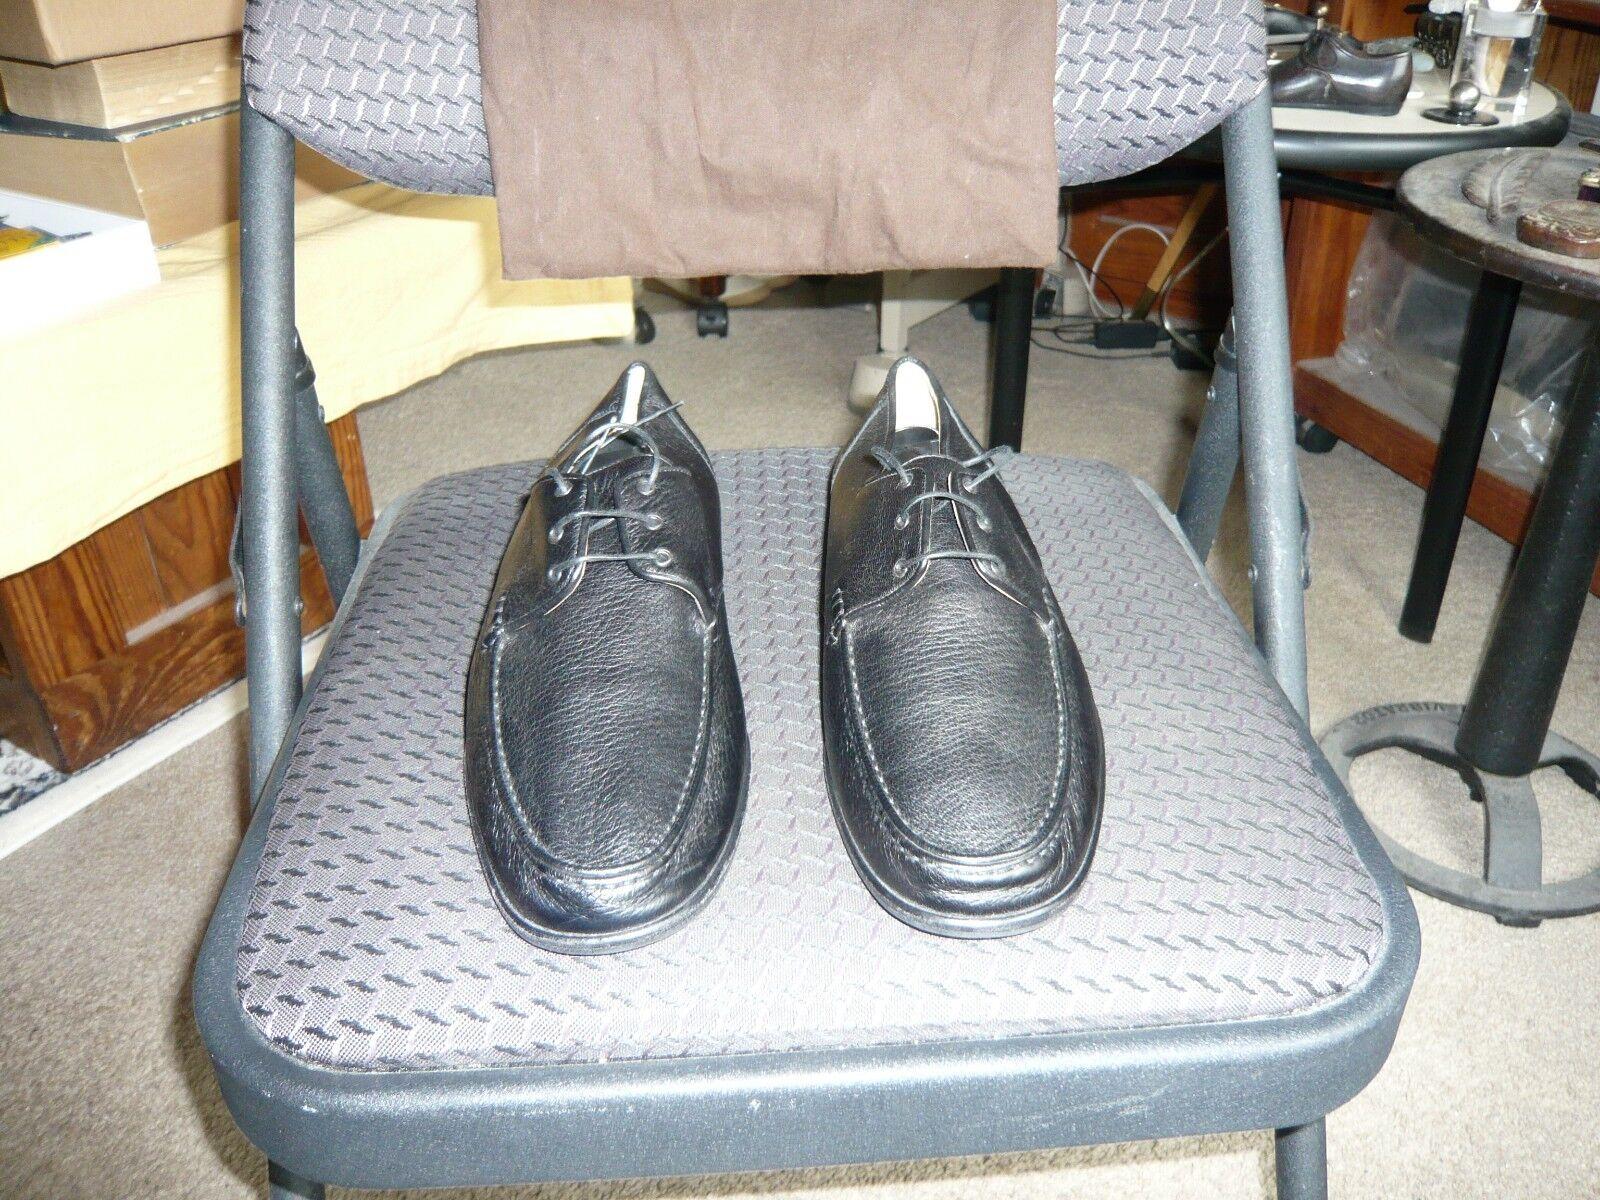 A Testoni italien noir souple Veau Chaussures en cuir, taille IT 7.5 m, US 8.5 & B